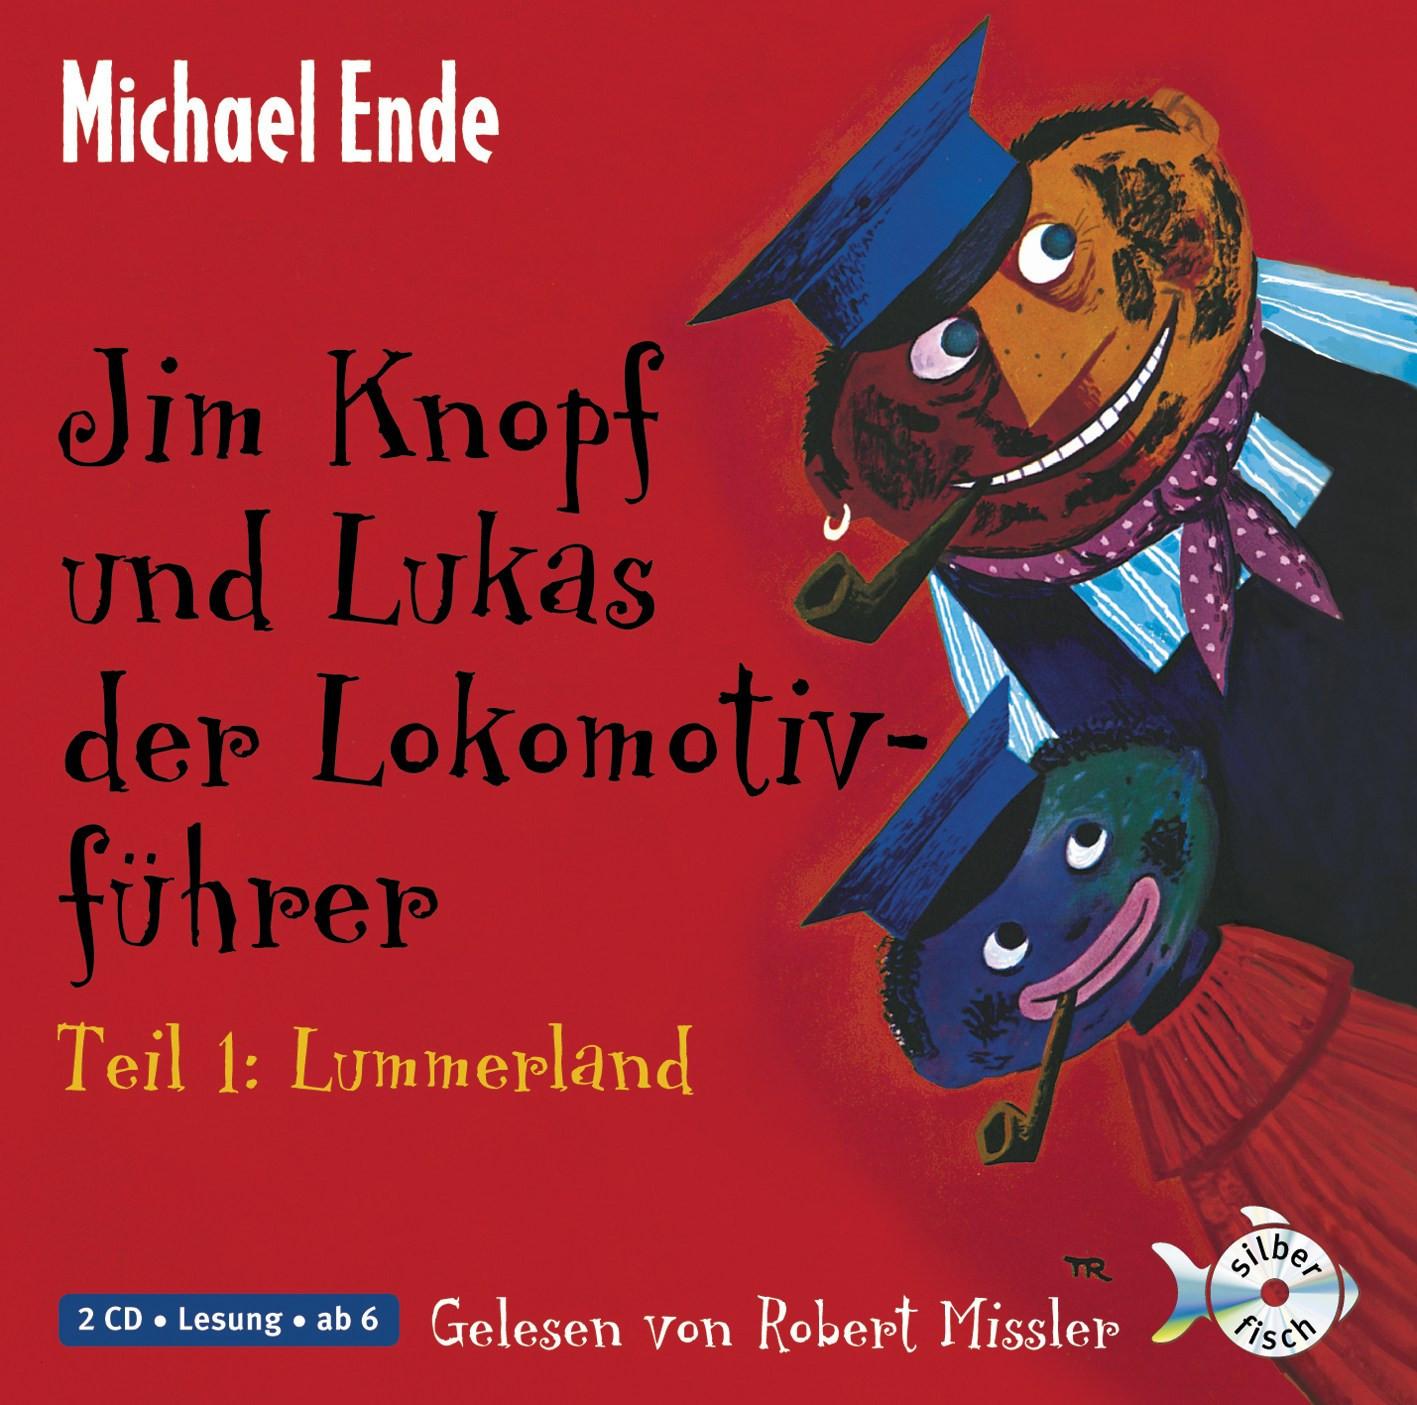 Jim Knopf Ausmalbild Genial Ausmalbilder Jim Knopf Inspirierend Jim Knopf Und Zvab Malvorlagen Sammlung